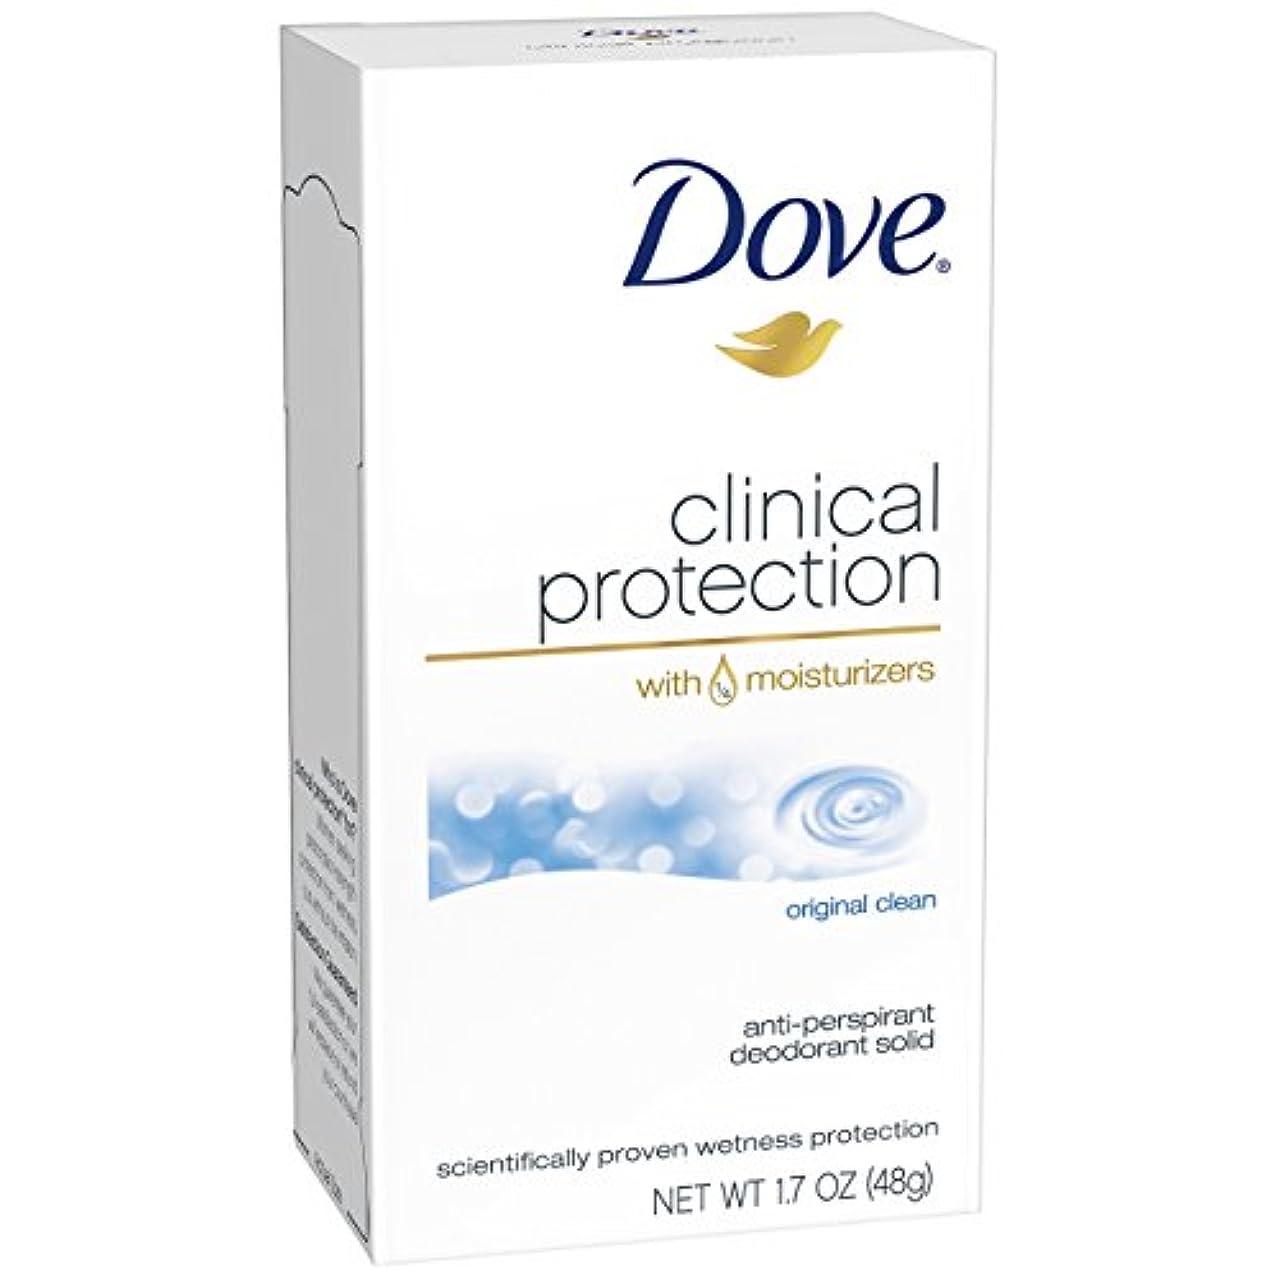 ランク類推ラフ睡眠ダヴ クリ二カルプロテクション オリジナルクリーン デオドラント固形48g Dove Clinical Protection Antiperspirant Deodorant, Original Clean[並行輸入品]